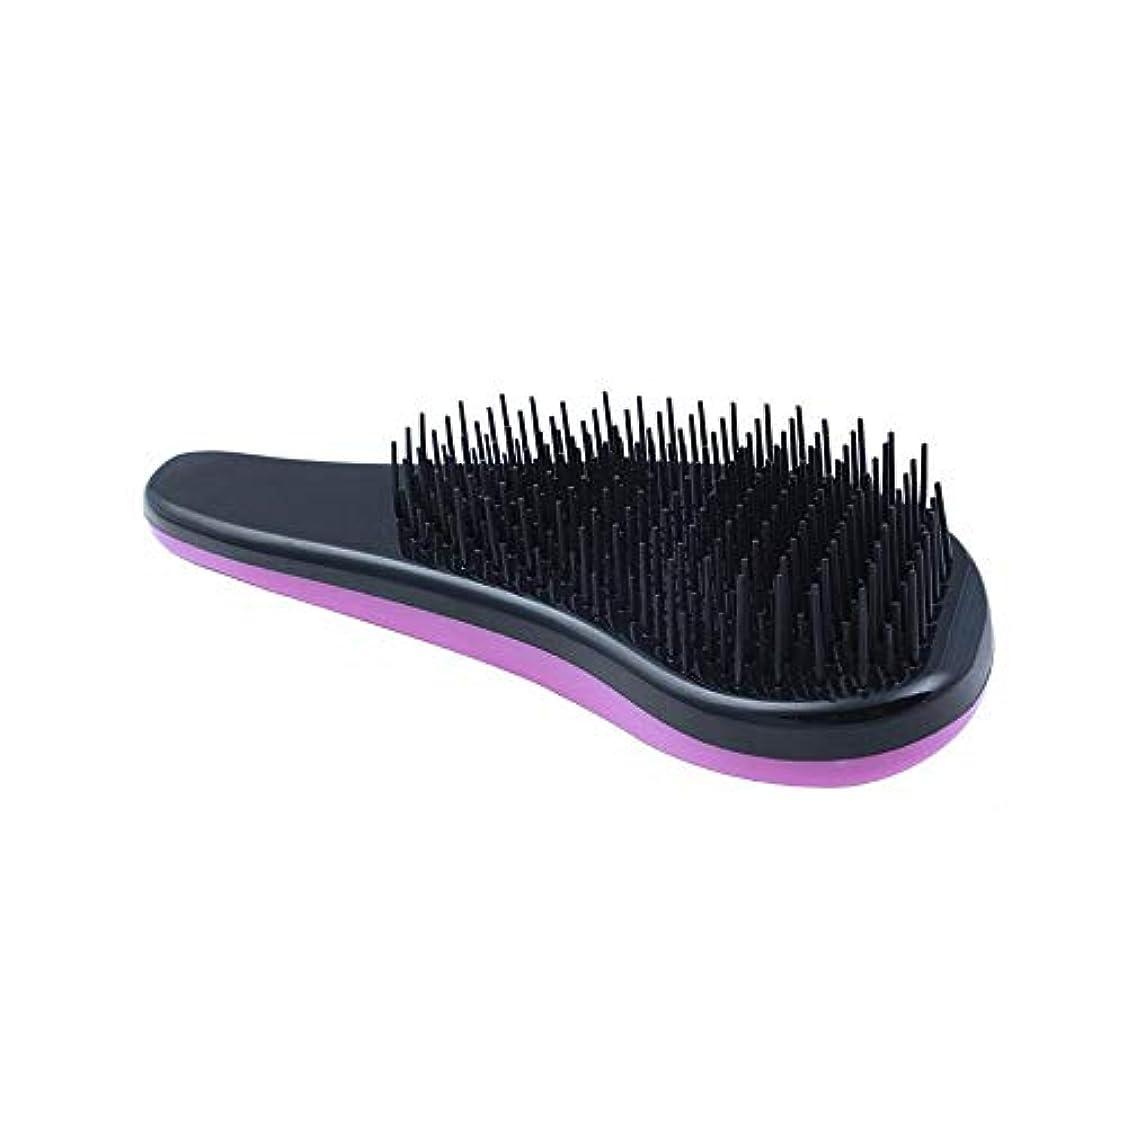 WASAIO ヘアブラシマッサージブラシ、手動頭皮マッサージ、すべての髪の柔軟なシリコーン毛 (色 : オレンジ)